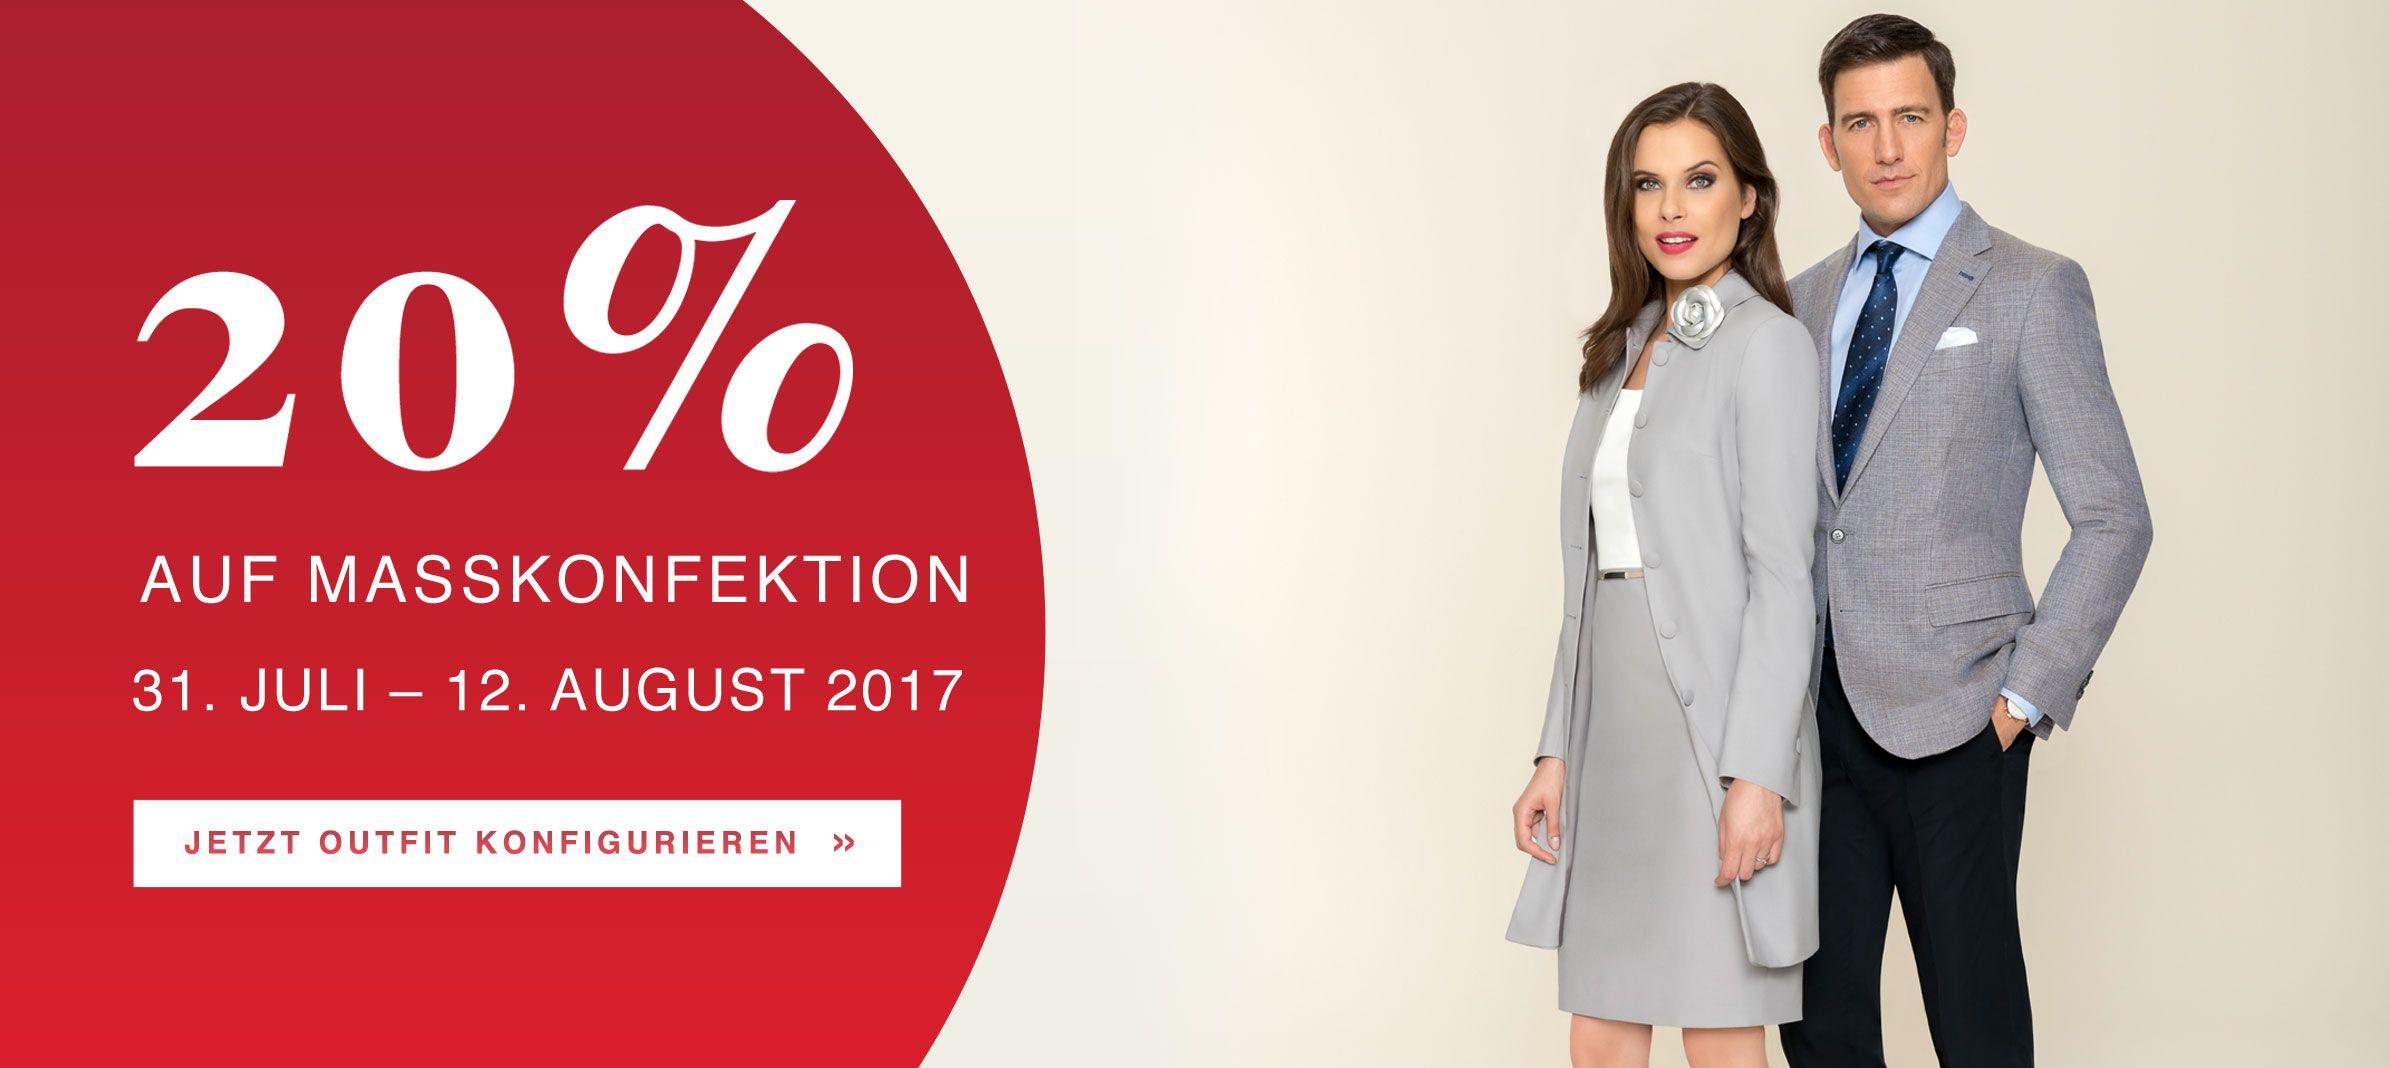 [Dolzer] 20% auf Maßkonfektion -- bis 12. August!